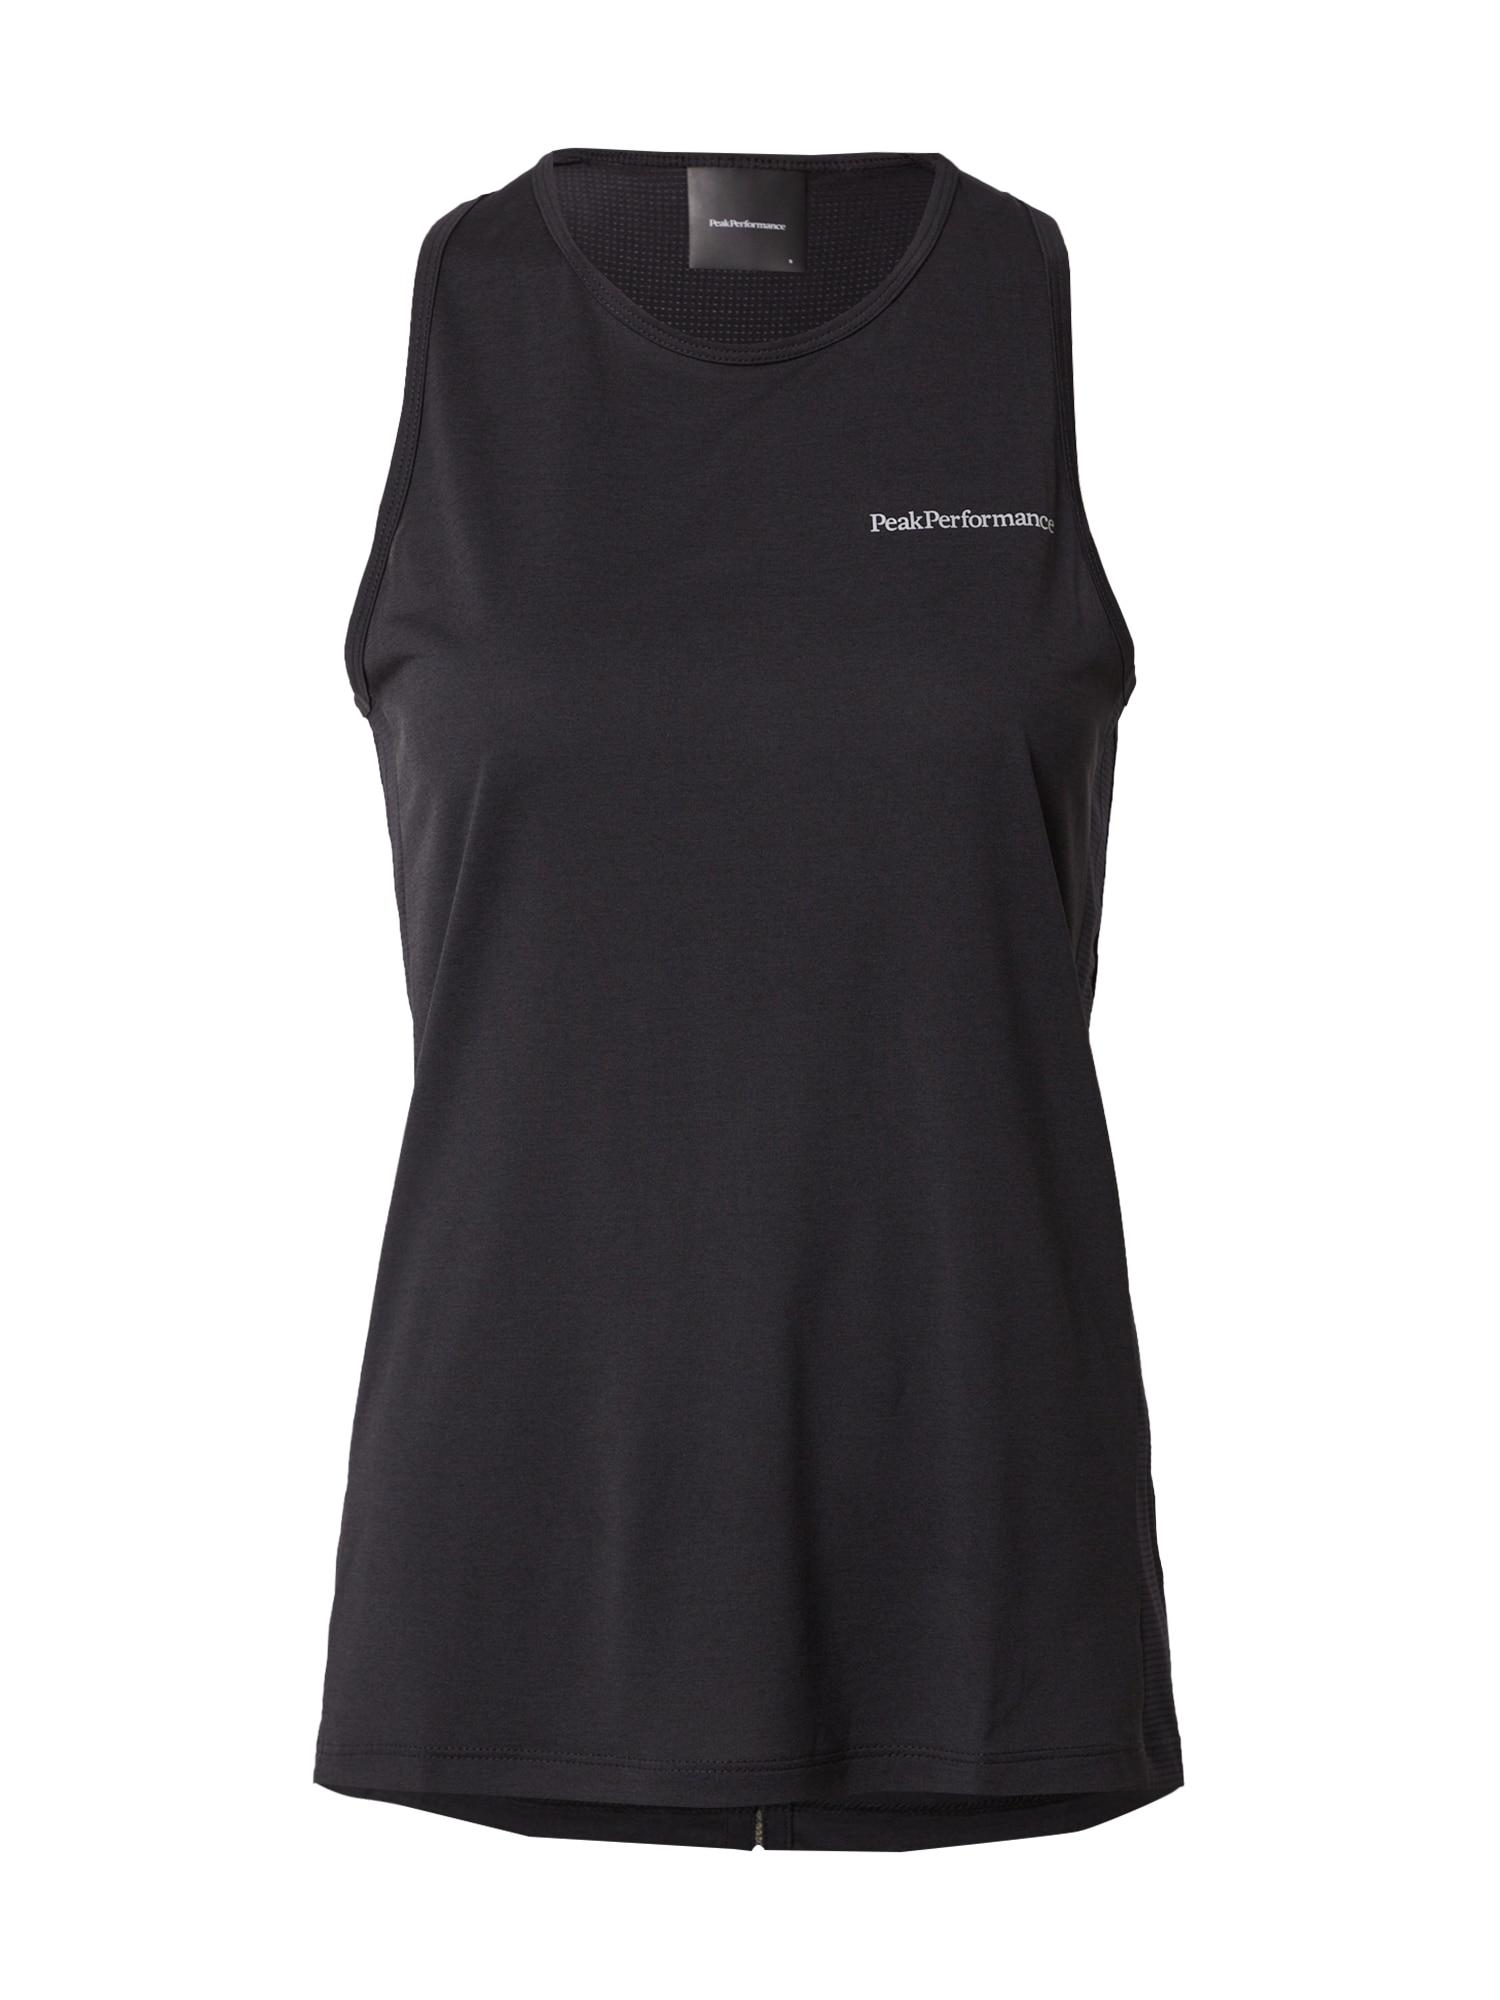 PEAK PERFORMANCE Sportiniai marškinėliai be rankovių juoda